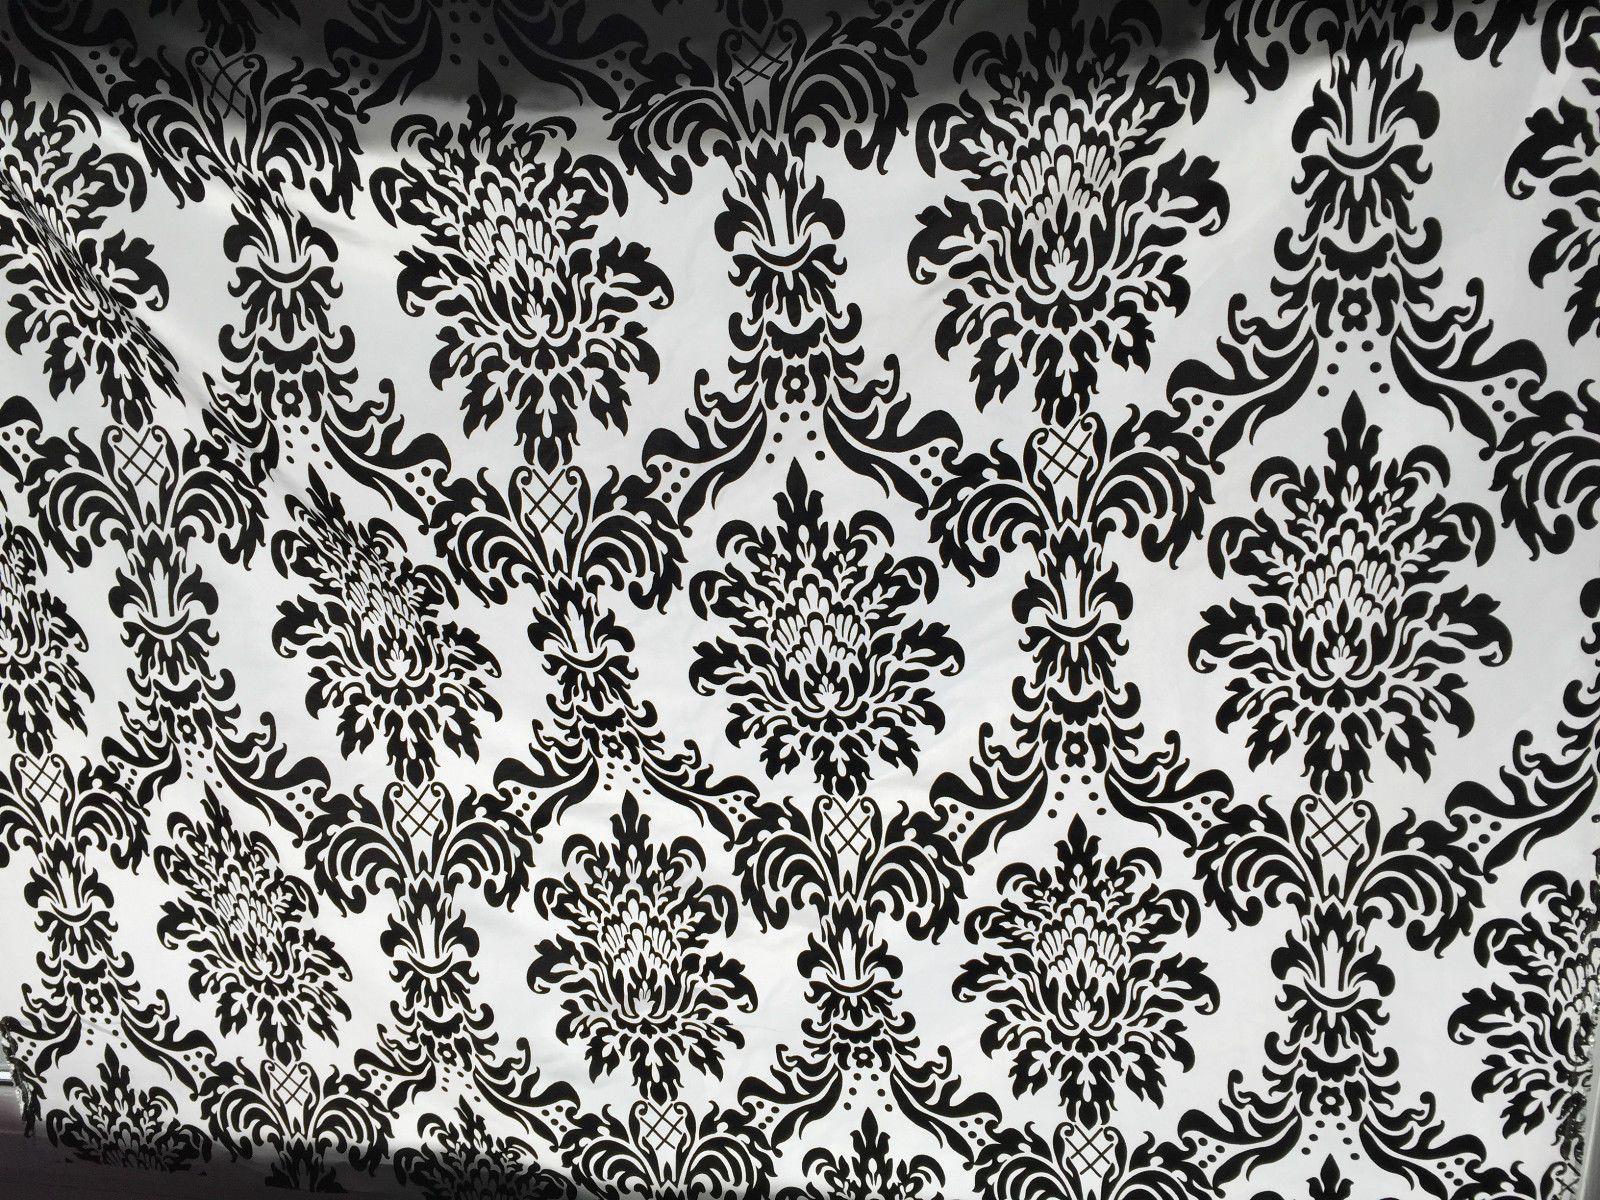 dettagli su lotto 5m tessuto taffeta damascato in velluto nero per ... - Arredamento White Elephant